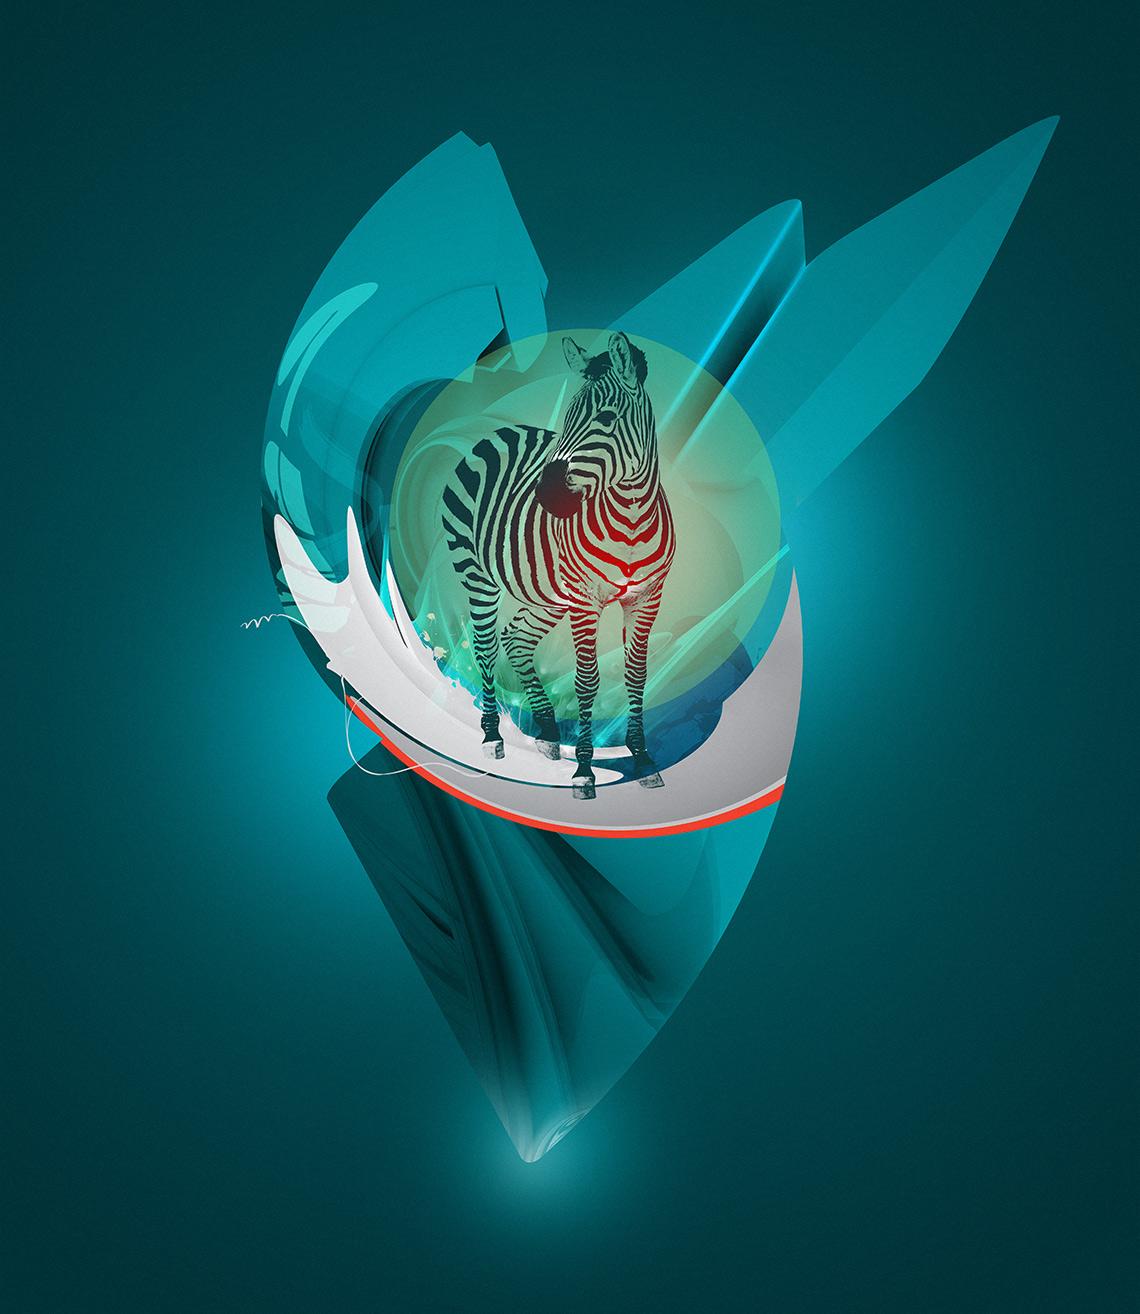 Arte Digital Fotografía y Diseño Gráfico Raven.artd